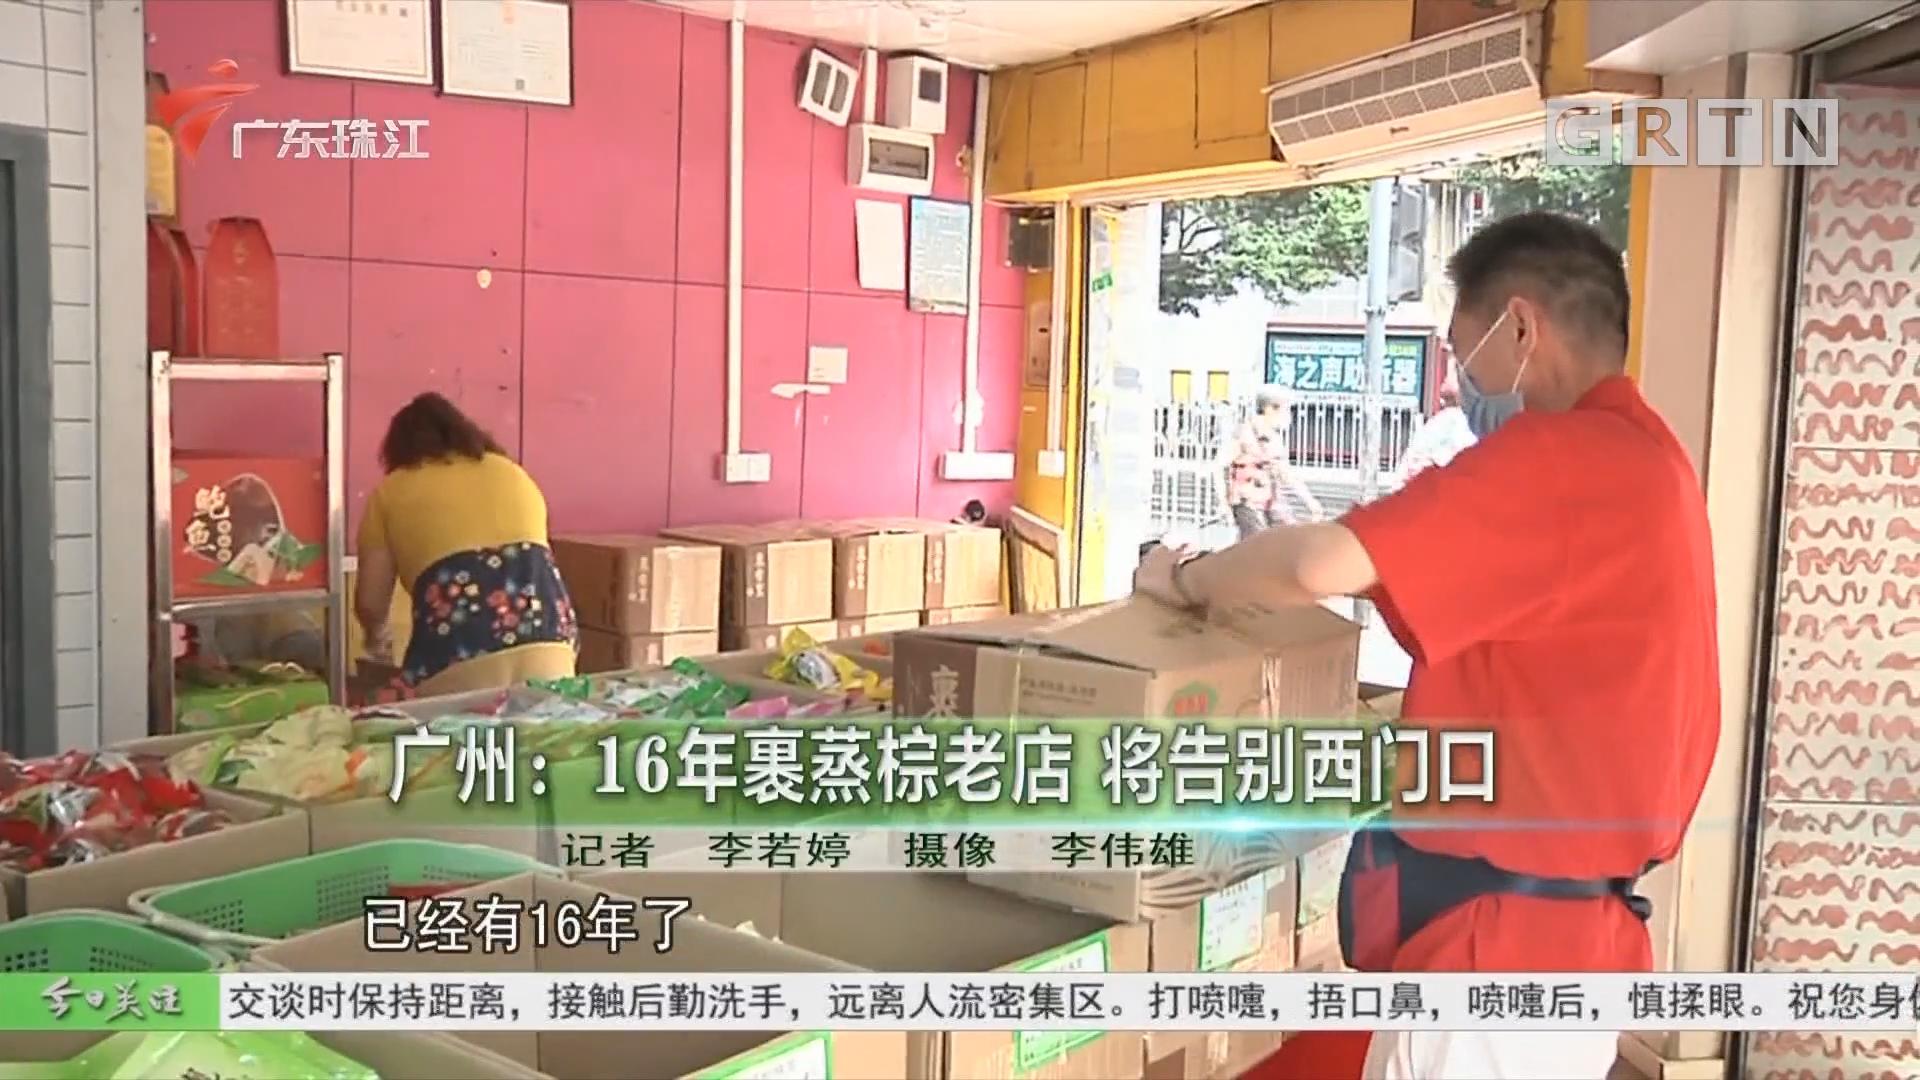 廣州:16年裹蒸棕老店 將告別西門口